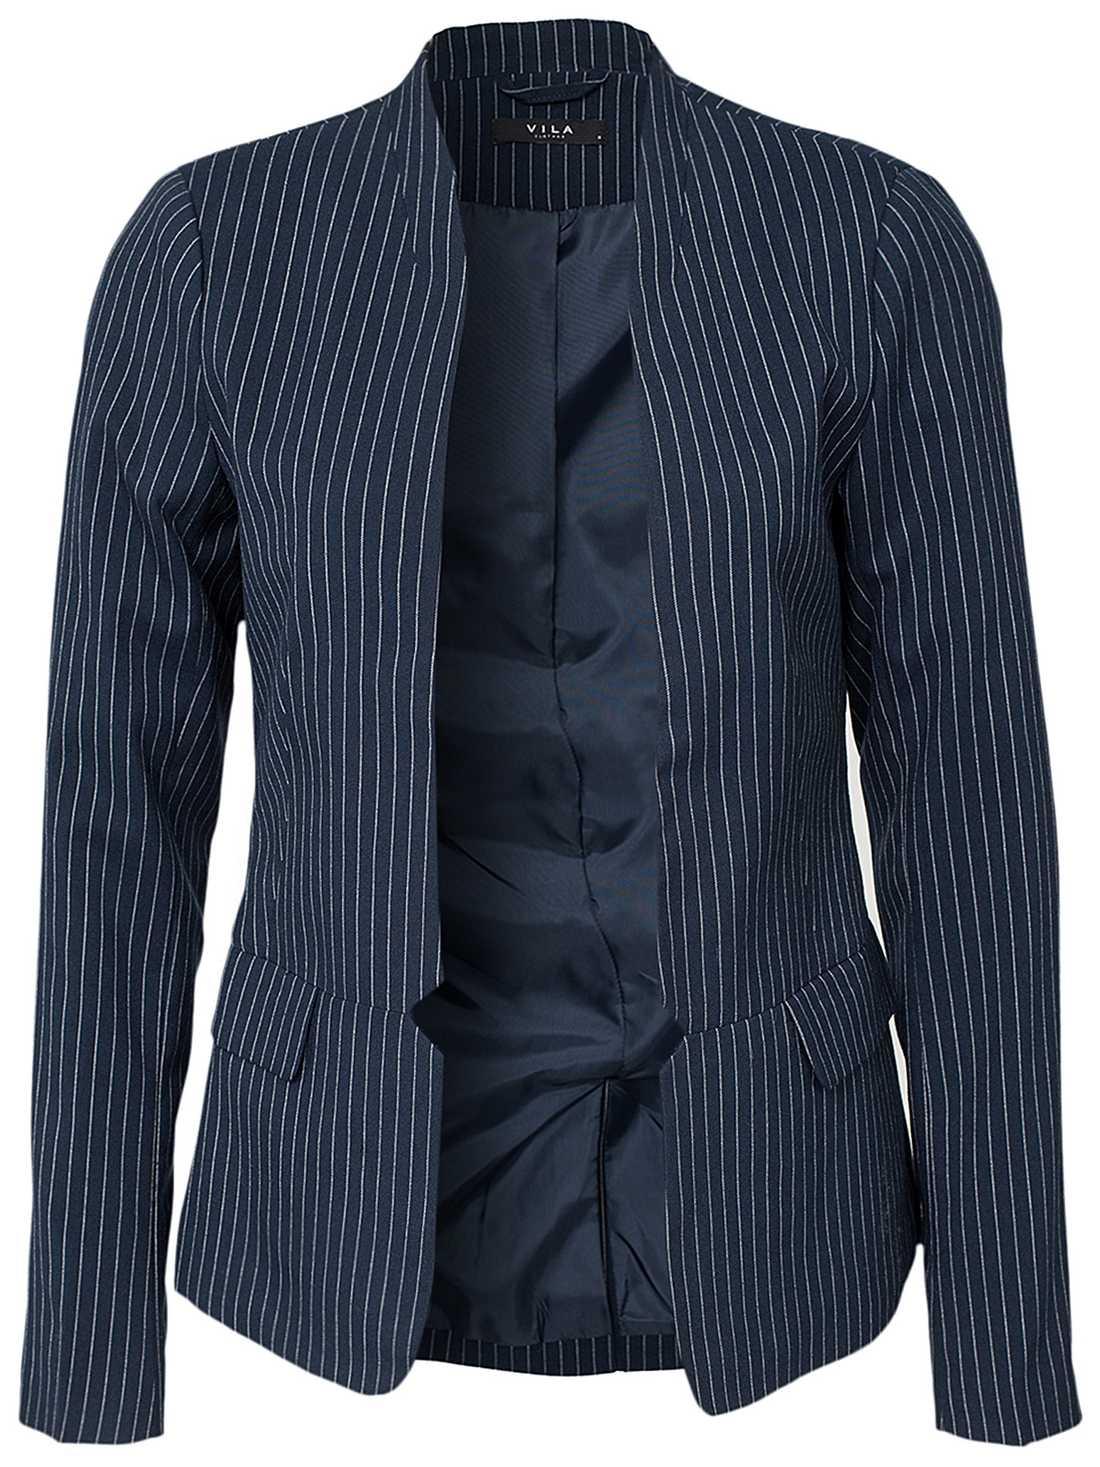 4. Kritstrecksrandig kavaj kombinerat med en T-shirt och jeans är en ultimat look för kontoret.